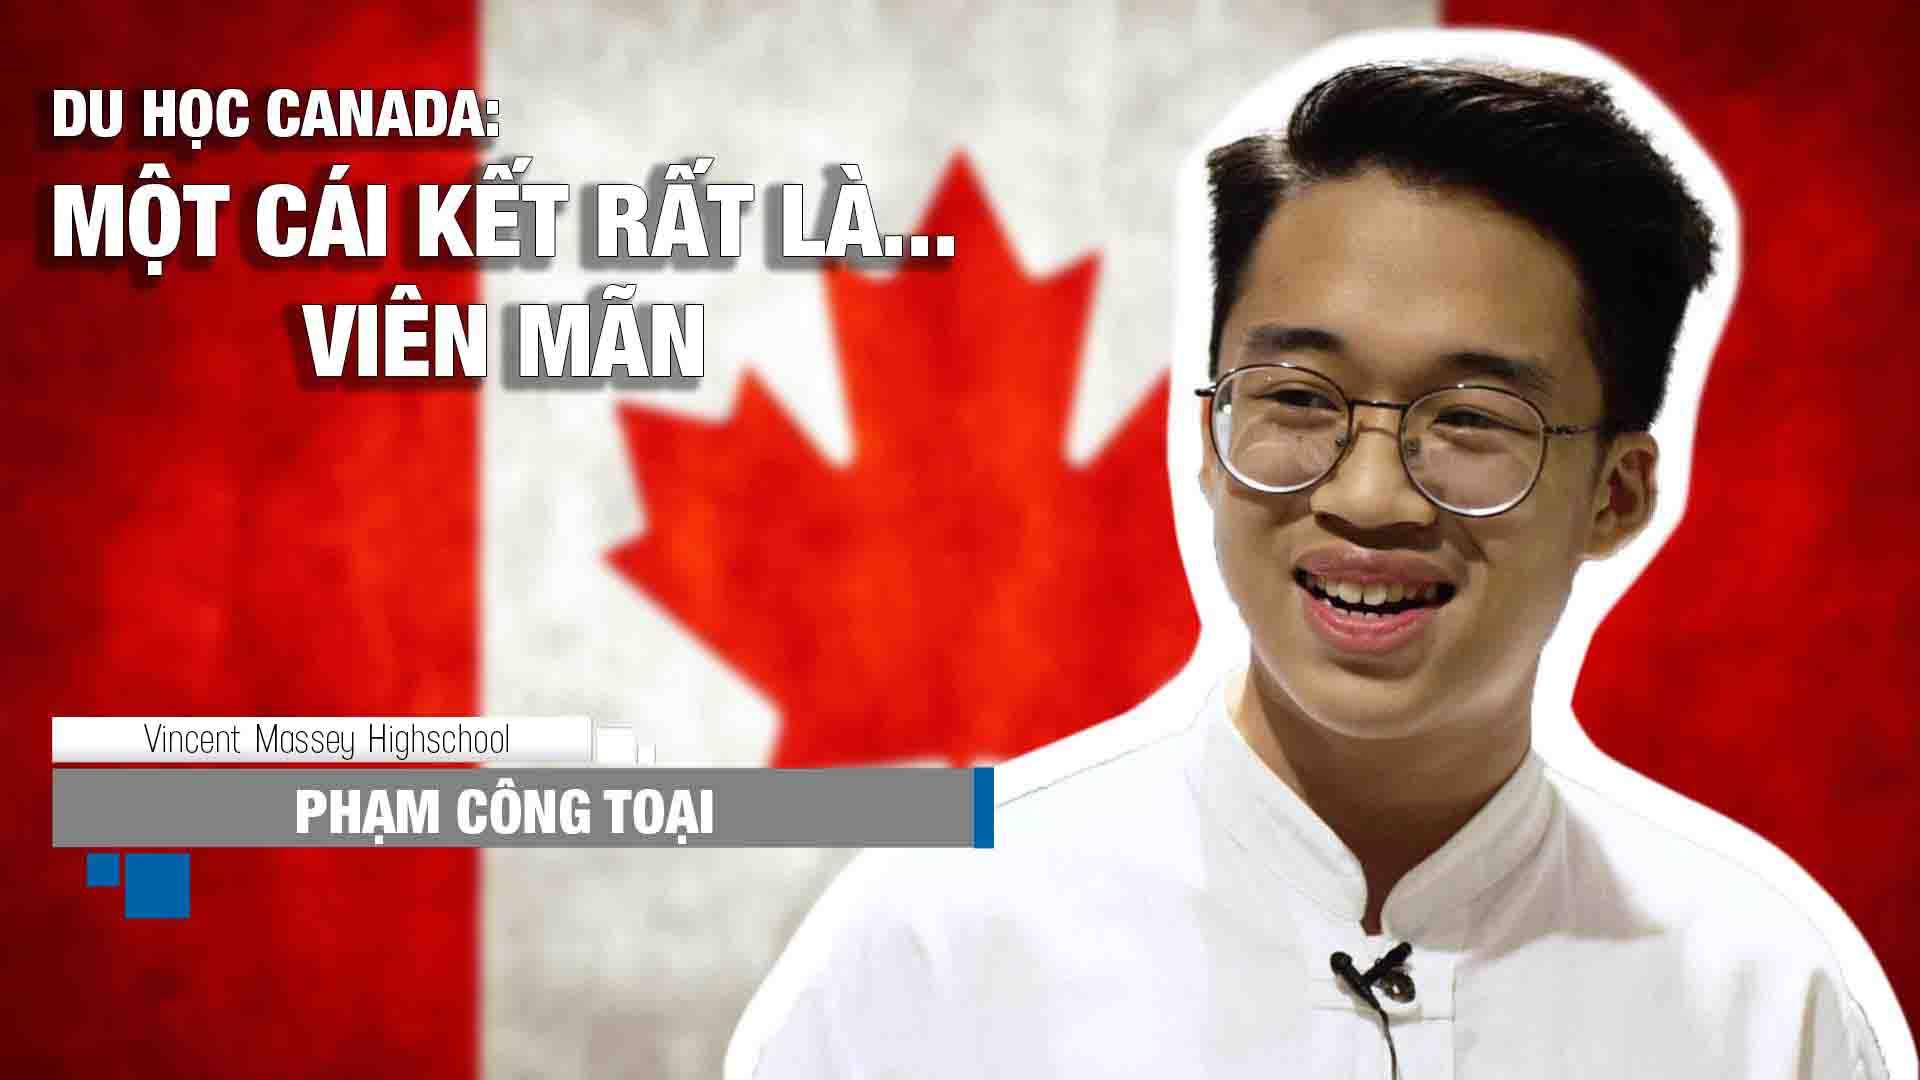 """Chia sẻ về hành trình du học Canada cũng như bí quyết học tiếng Anh của bạn Phạm Công Toại (sắp tới sẽ theo học lớp 11 tại trường Vincent Massey Highshool, bang Manitoba): """"Em làm hồ sơ Canada cũng lâu rồi, vì em có khá nhiều lựa chọn. Nhưng cuối cùng em đã chọn đúng công ty, đúng nơi mình đến và đã rất may mắn thành công.""""  Theo chia sẻ của Toại, bạn đã có 6 tháng chuẩn bị hồ sơ và xin visa Canada. Tự nhận mình là một người vô cùng """"kén cá chọn canh"""" nhưng khi làm việc với INEC, bạn đã vô cùng hài lòng về cách làm việc và sự tận tâm của đội ngũ tư vấn viên của công ty."""